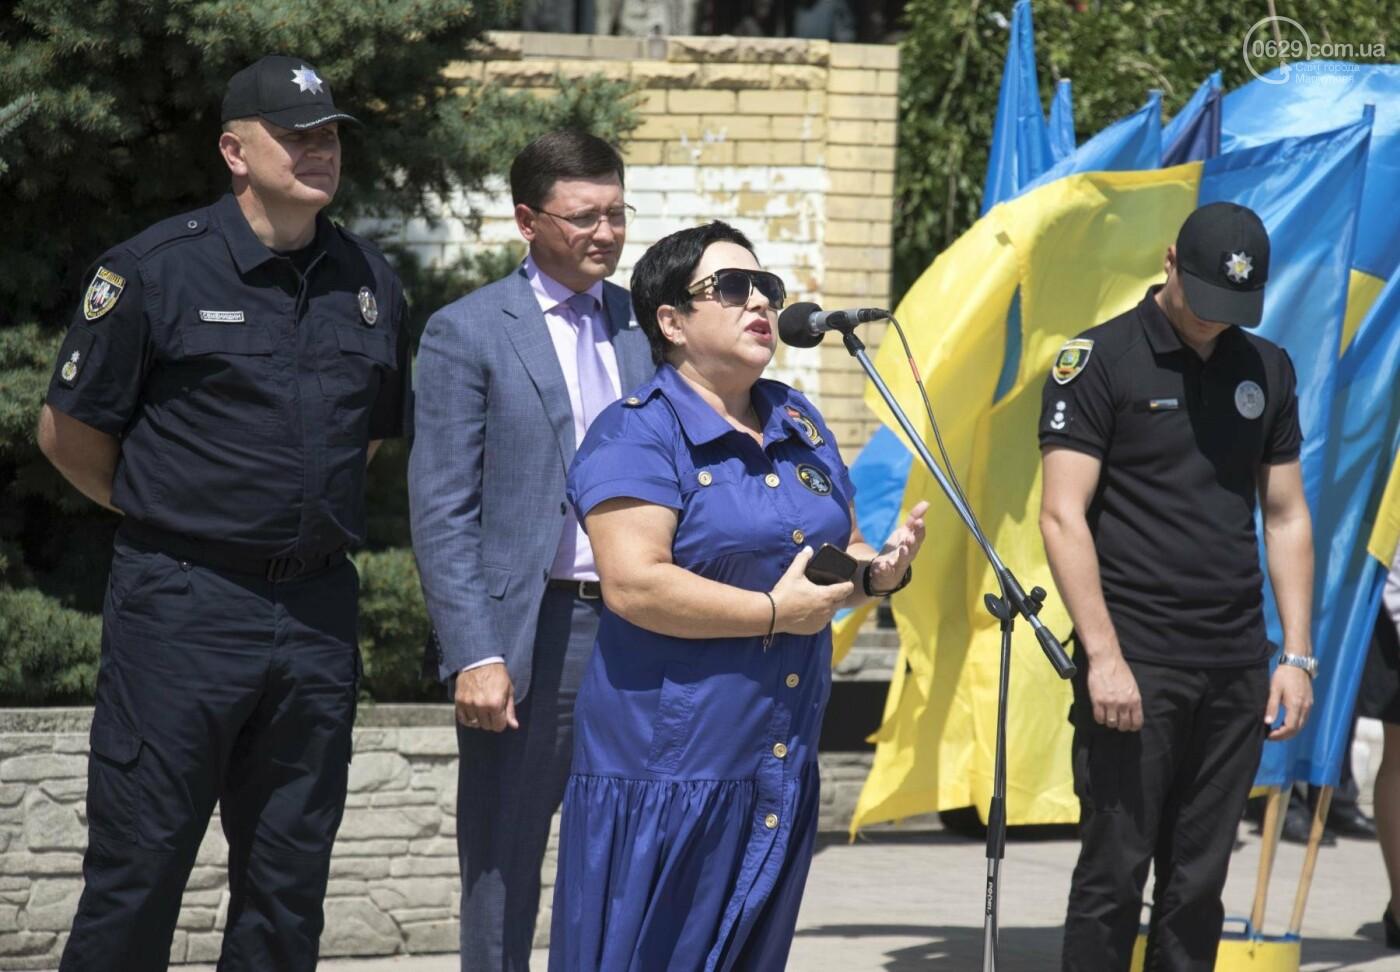 В Мариуполе презентовали туристическую полицию, - ФОТО, ВИДЕО, фото-8